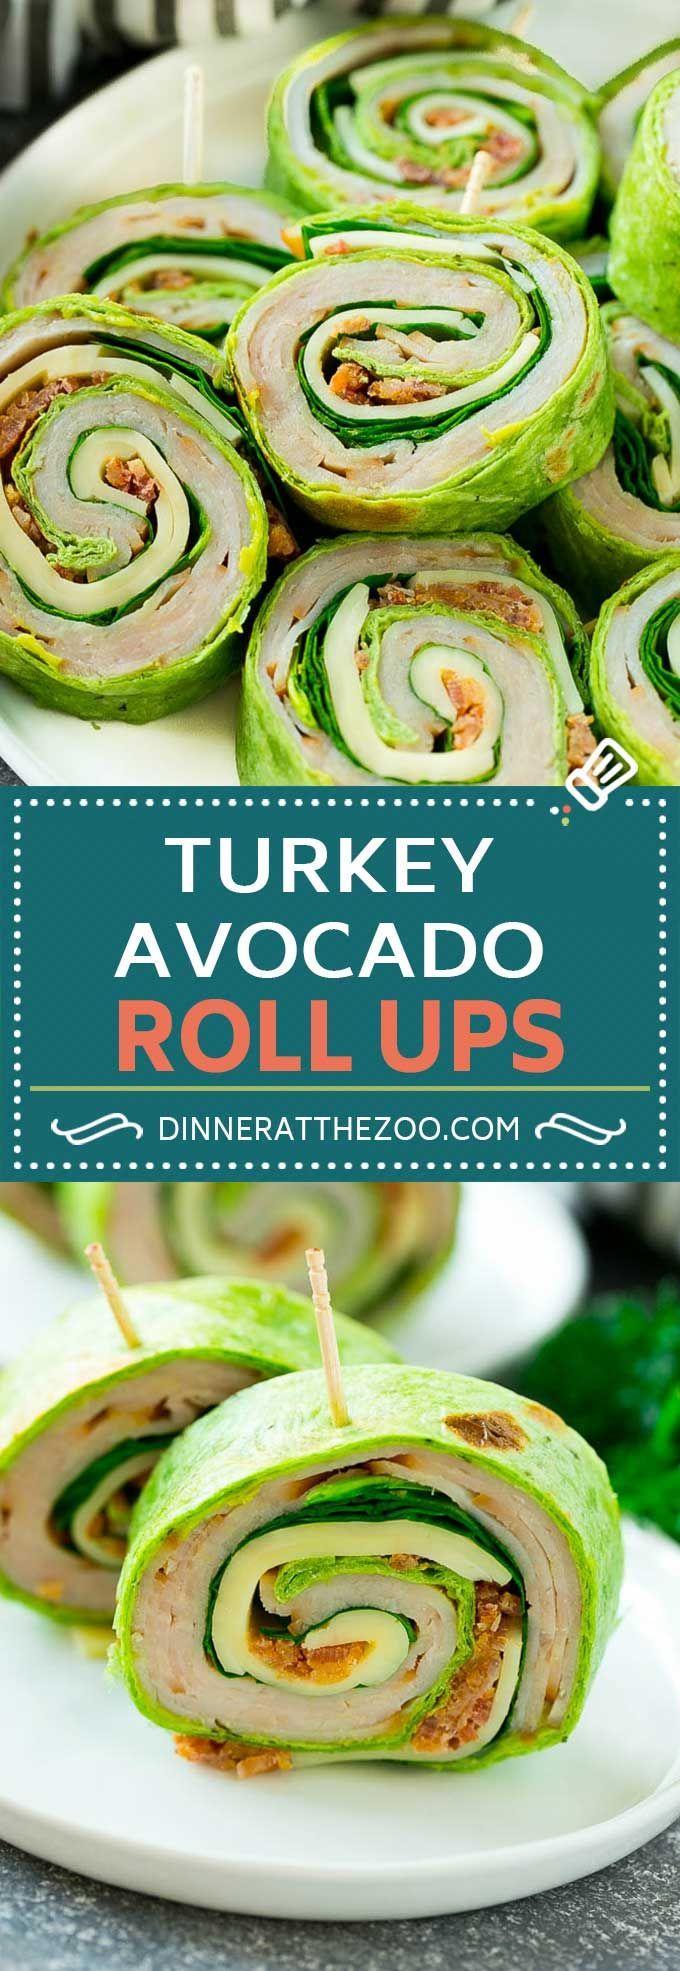 Turkey Roll Ups Recipe | Turkey Pinwheel Sandwiches | Turkey Roller Sandwiches